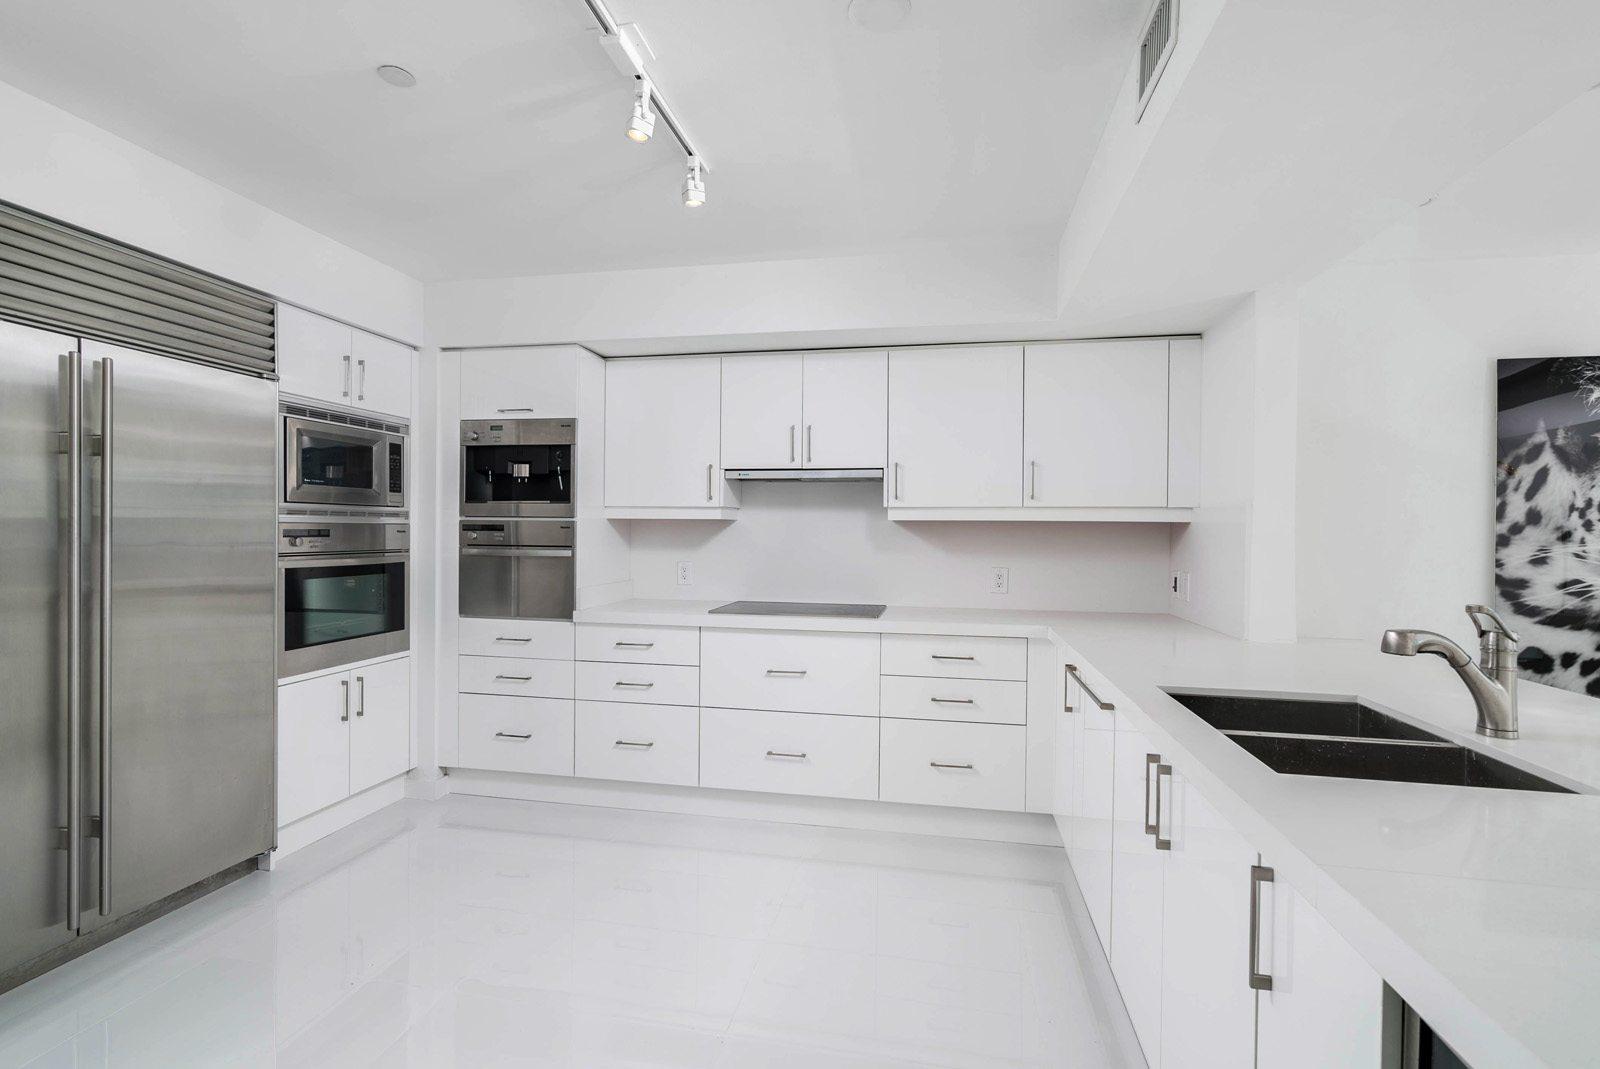 Jade at Brickell Bay renovated kitchen